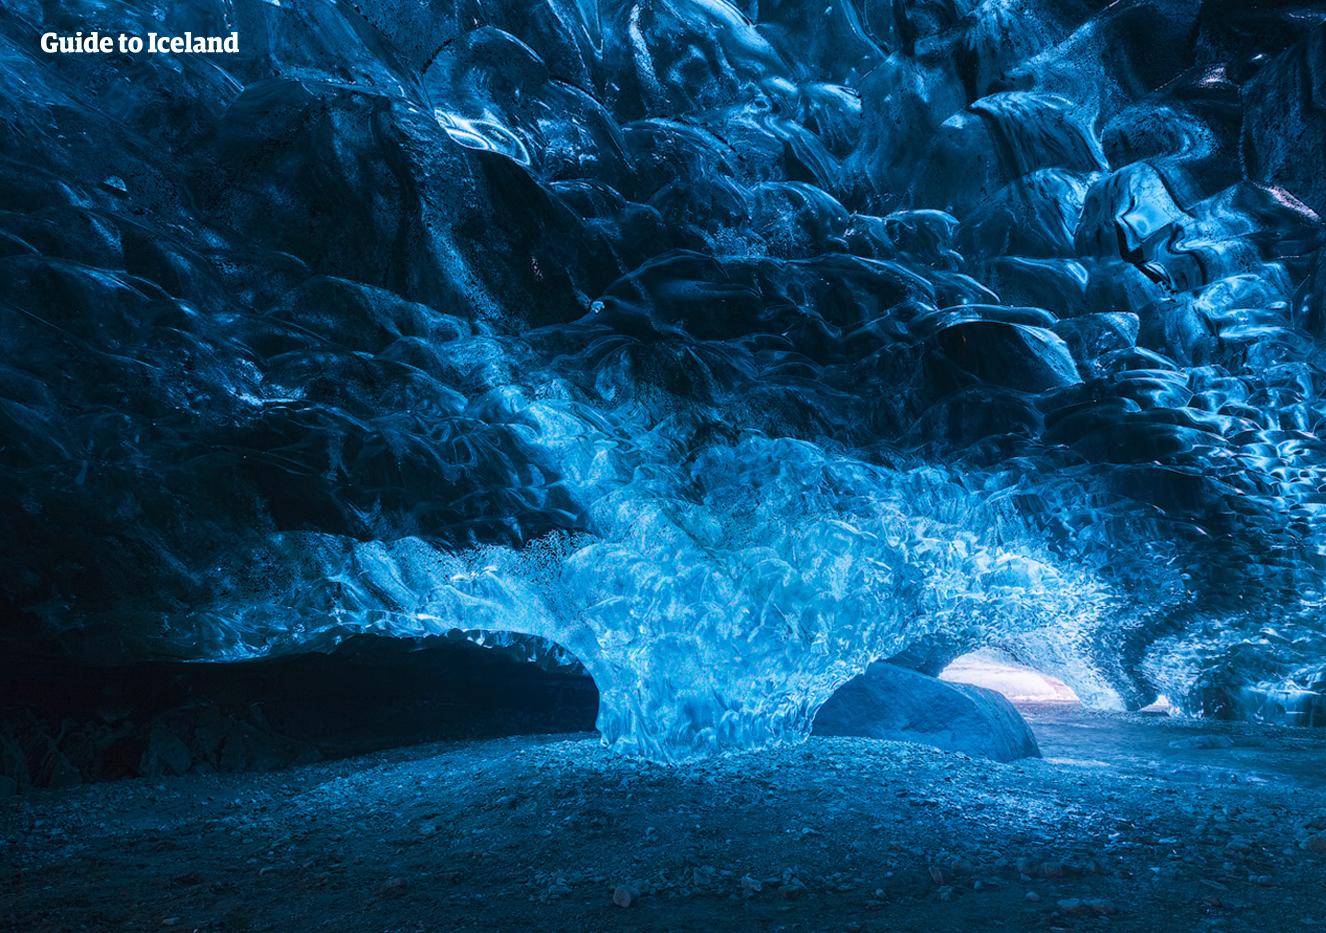 Fantásticos tonos de azul en una auténtica cueva de hielo en el Parque Nacional Vatnajökull